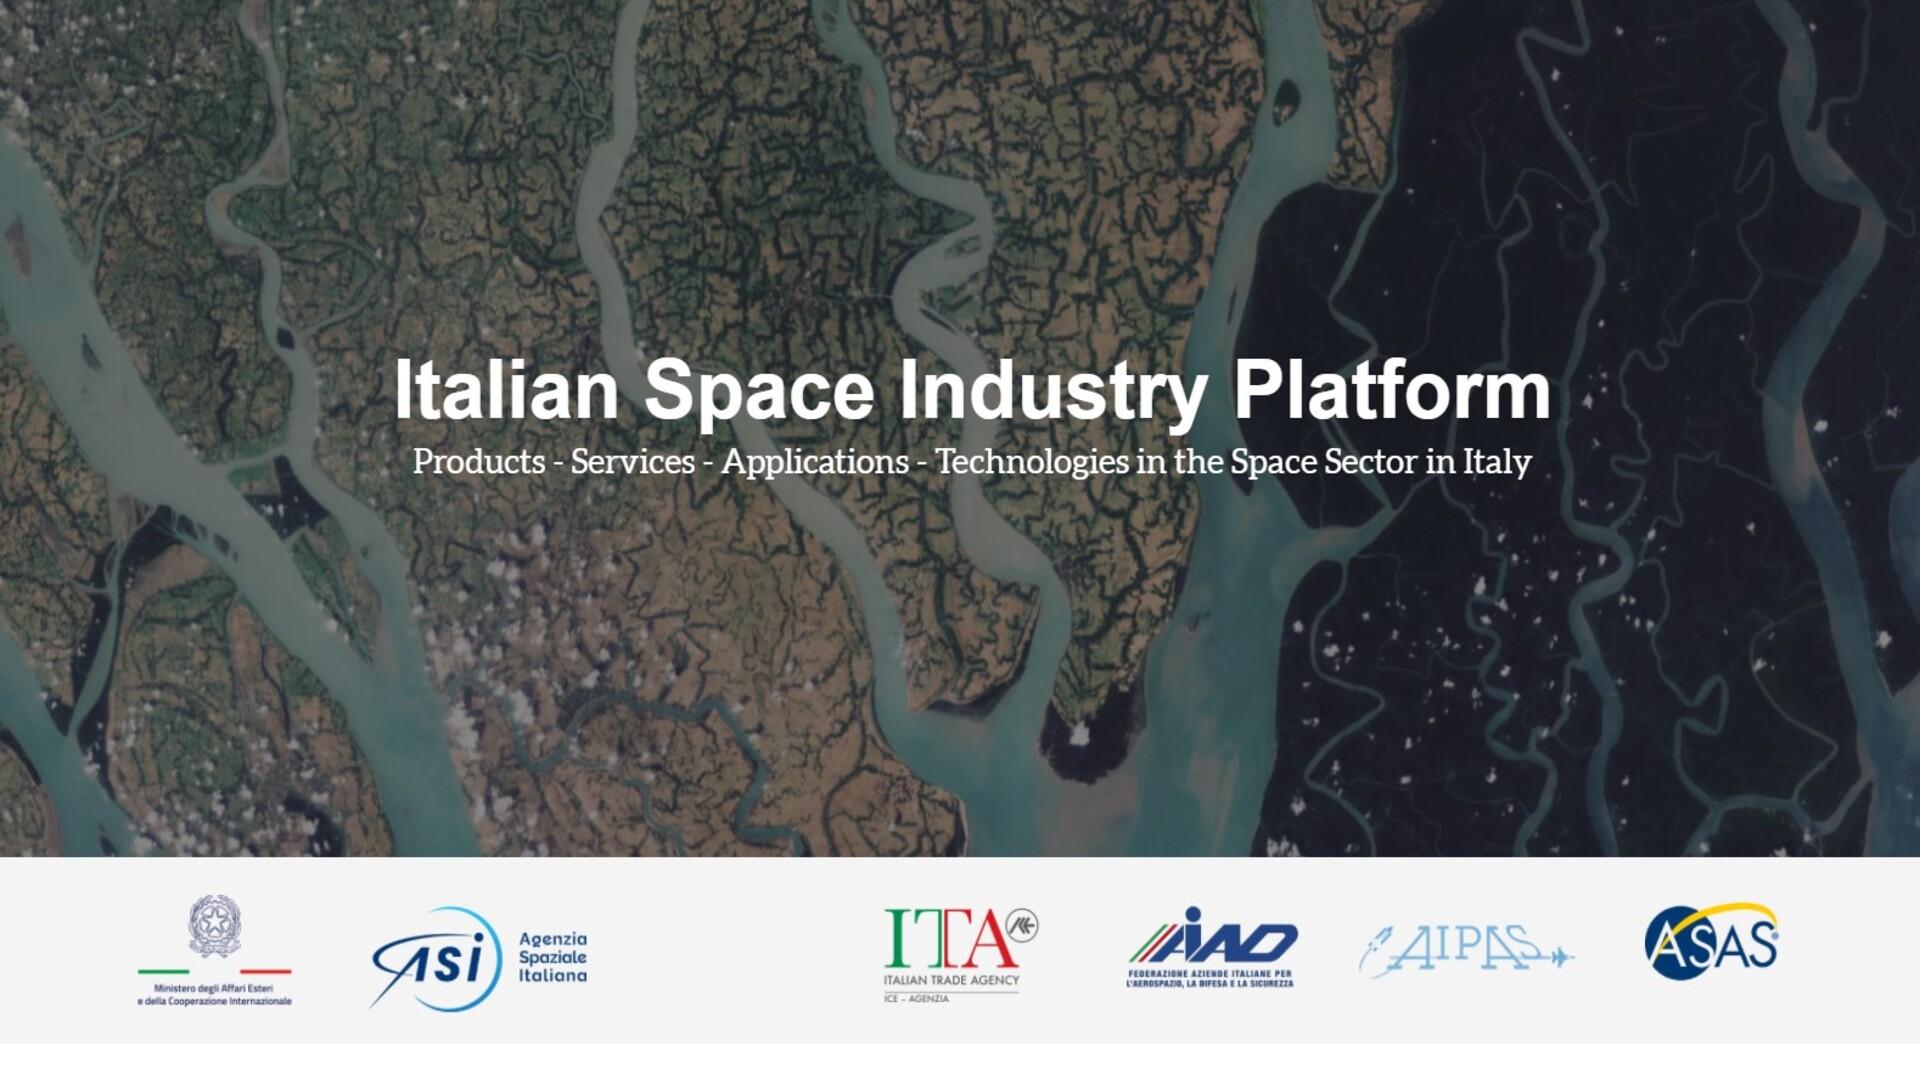 ASI - Catalogo dell'industria spaziale, al via la campagna 2021